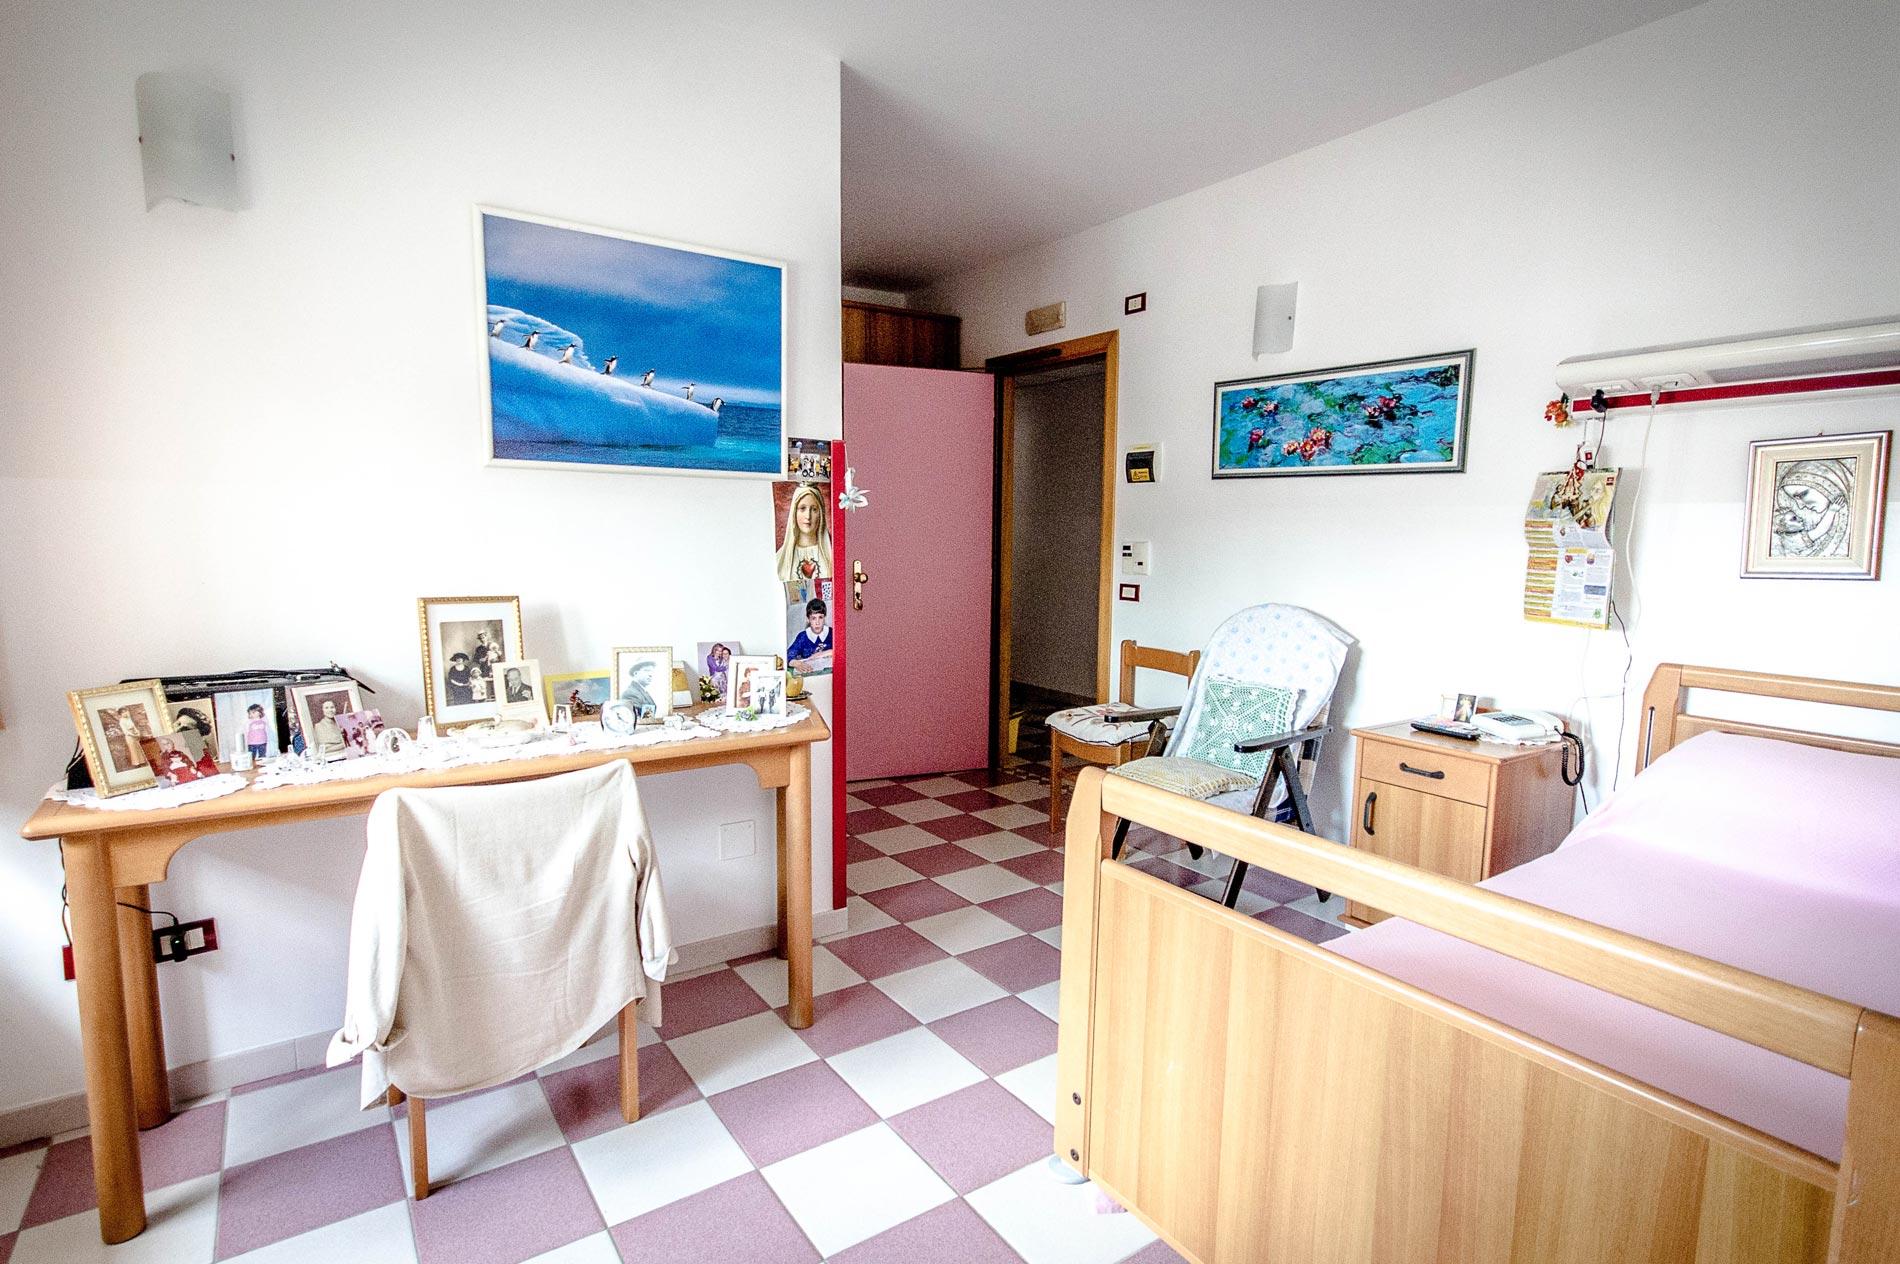 Camere del centro residenziale per anziani